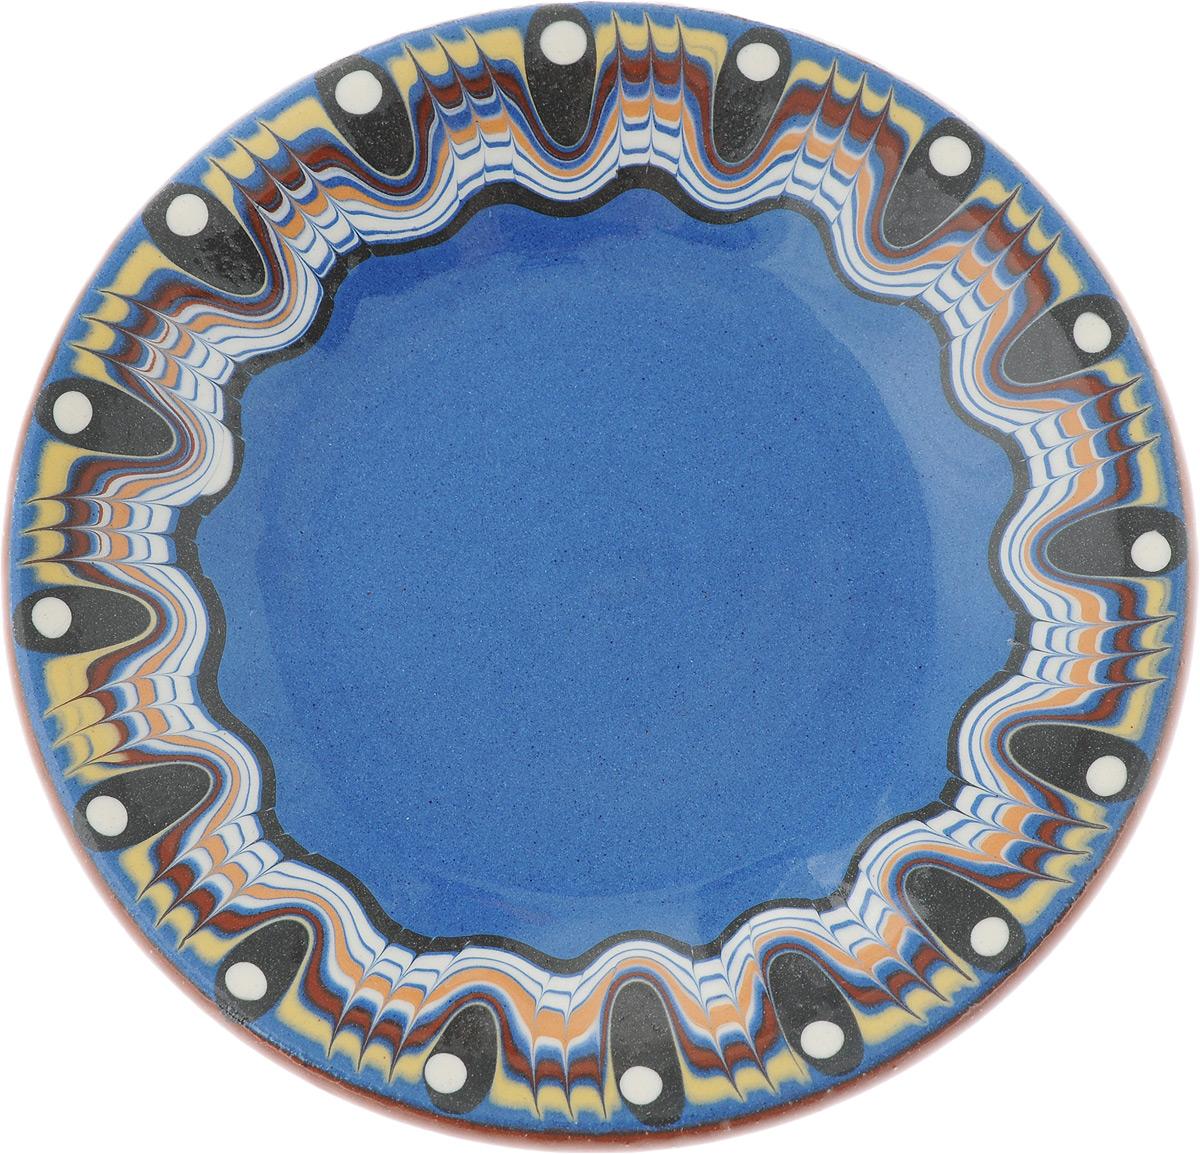 Блюдце Troian ceramics, 12 см115610Блюдце Troian ceramics выполнено из высококачественной керамики. Изделие оформлено узором. Изящное блюдце не только красиво оформит стол к чаепитию, но и станет прекрасным подарком друзьям и близким.Диаметр блюдца: 12 см.Высота блюдца: 1,5 см.